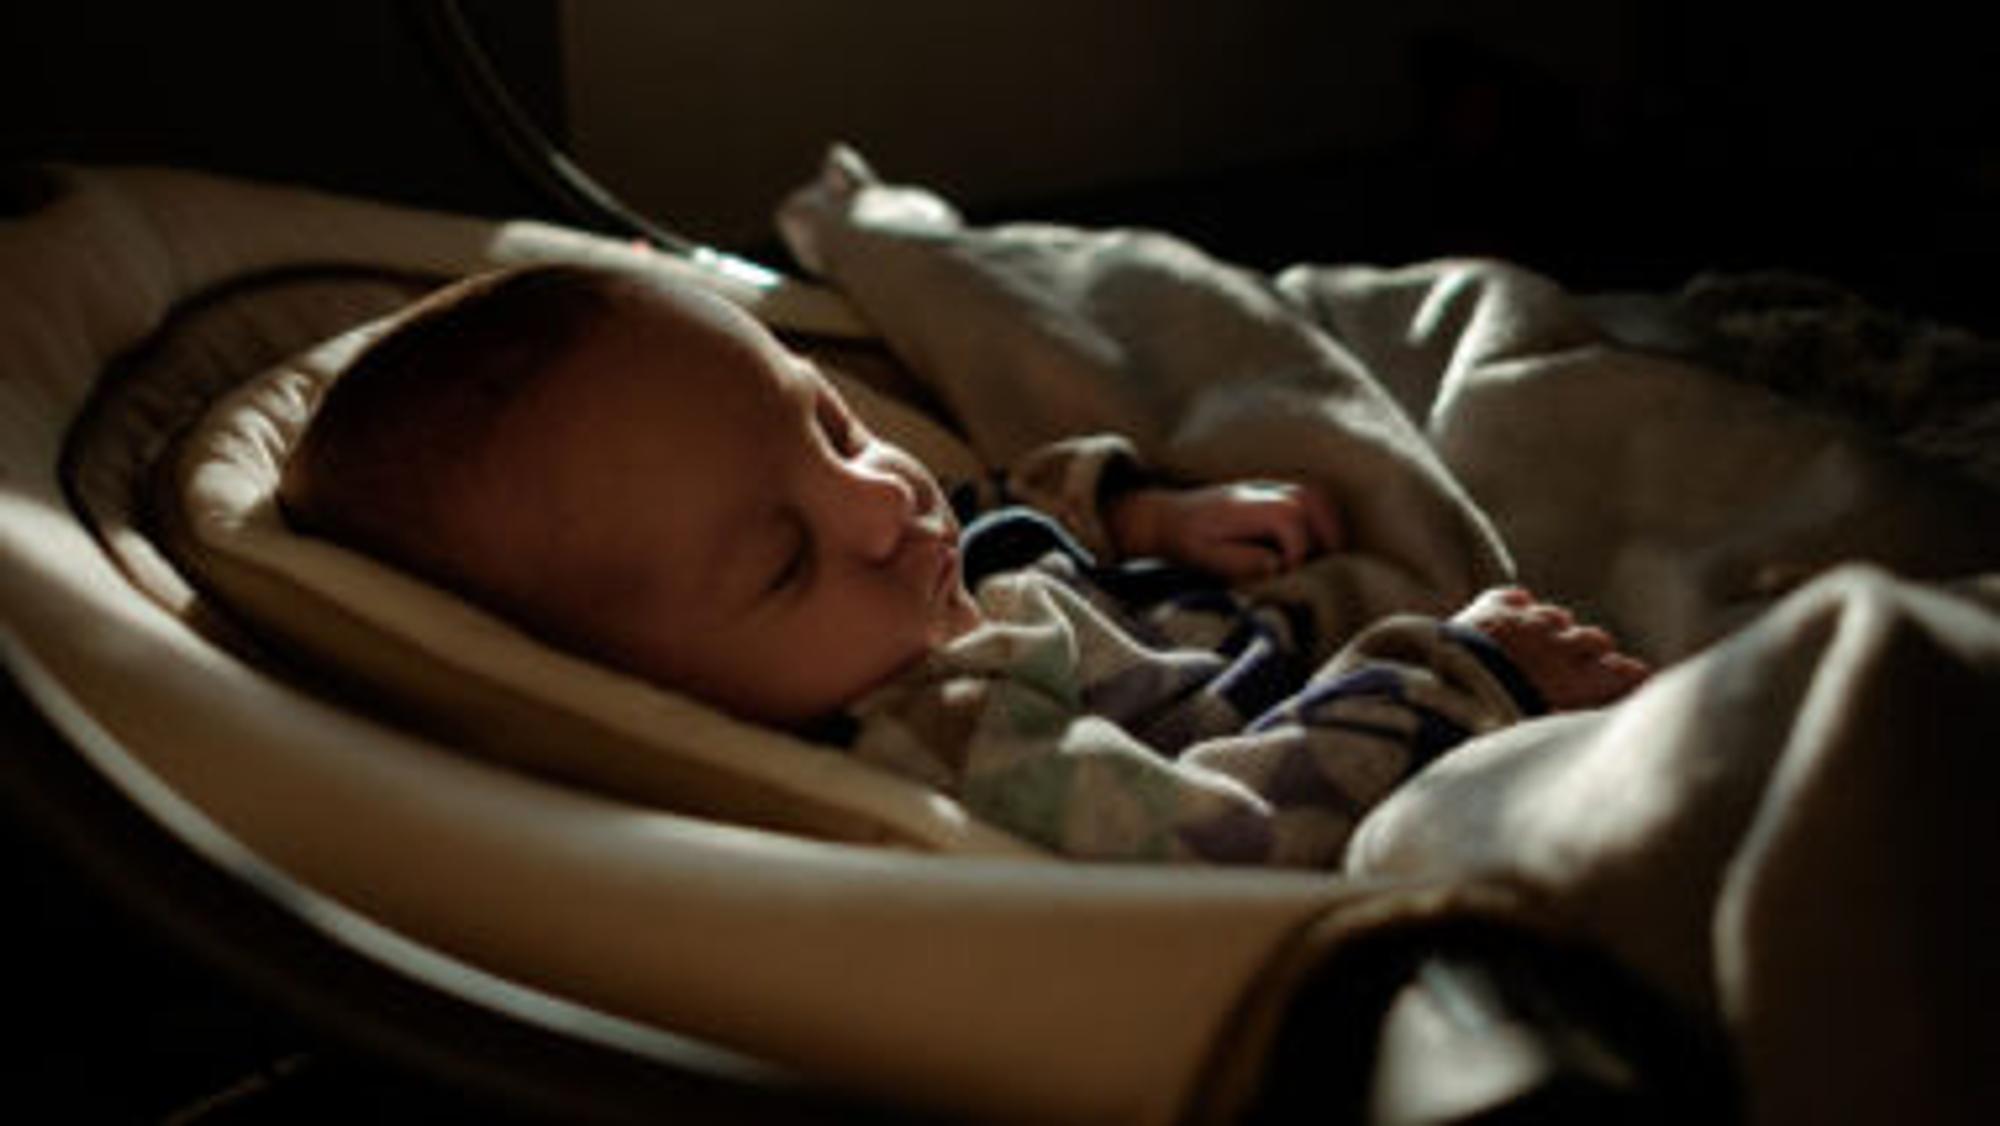 Baby liegt in einer Baby-Wiege